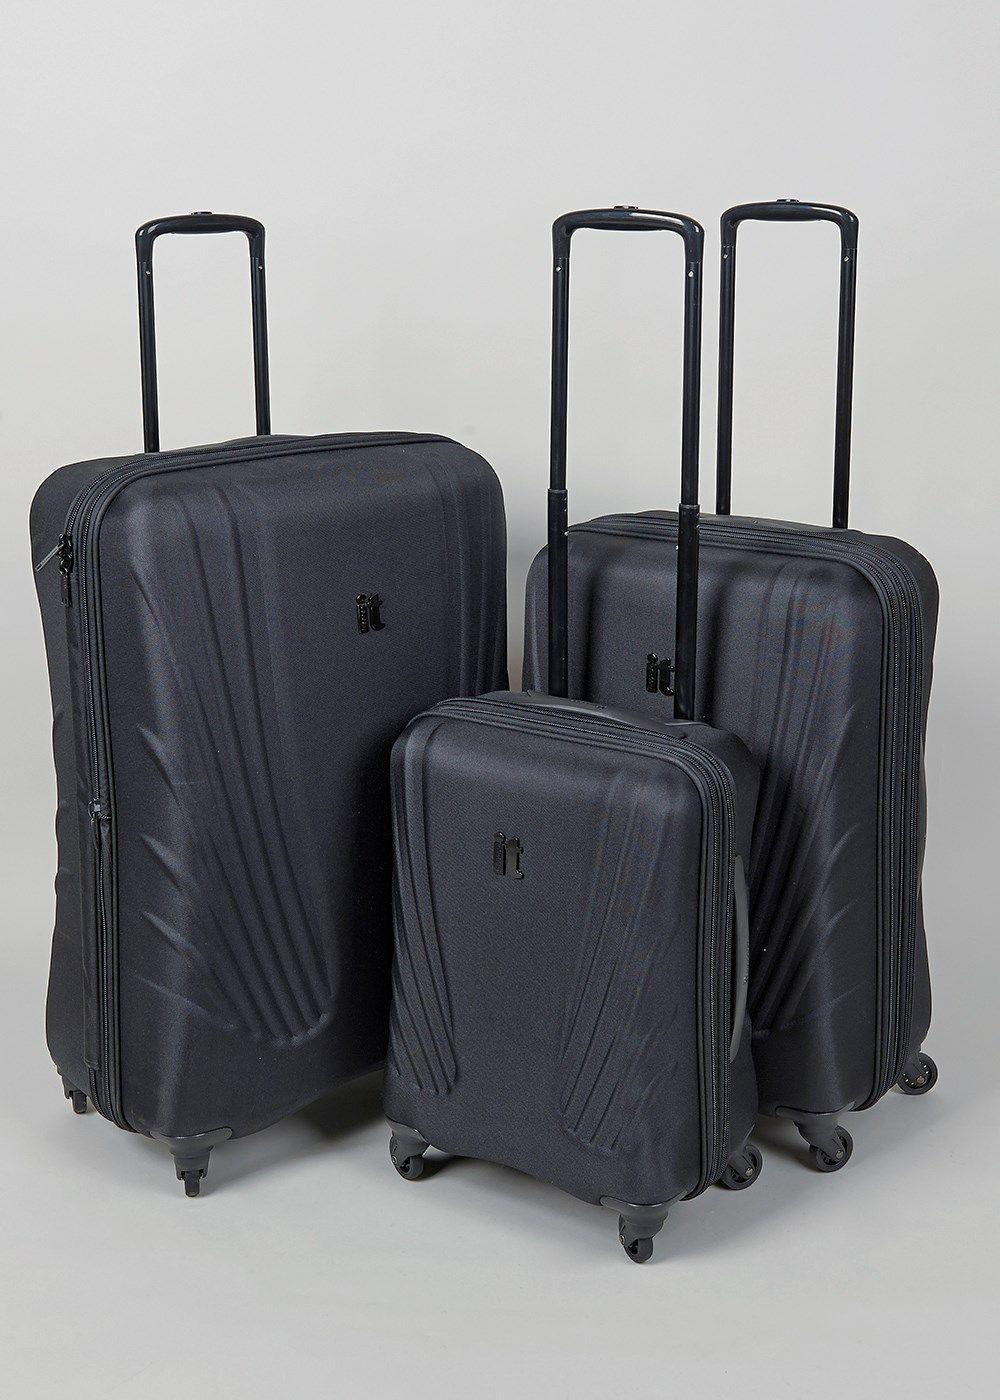 IT Luggage Frameless 4 Wheel Suitcase | Holidaze | Pinterest